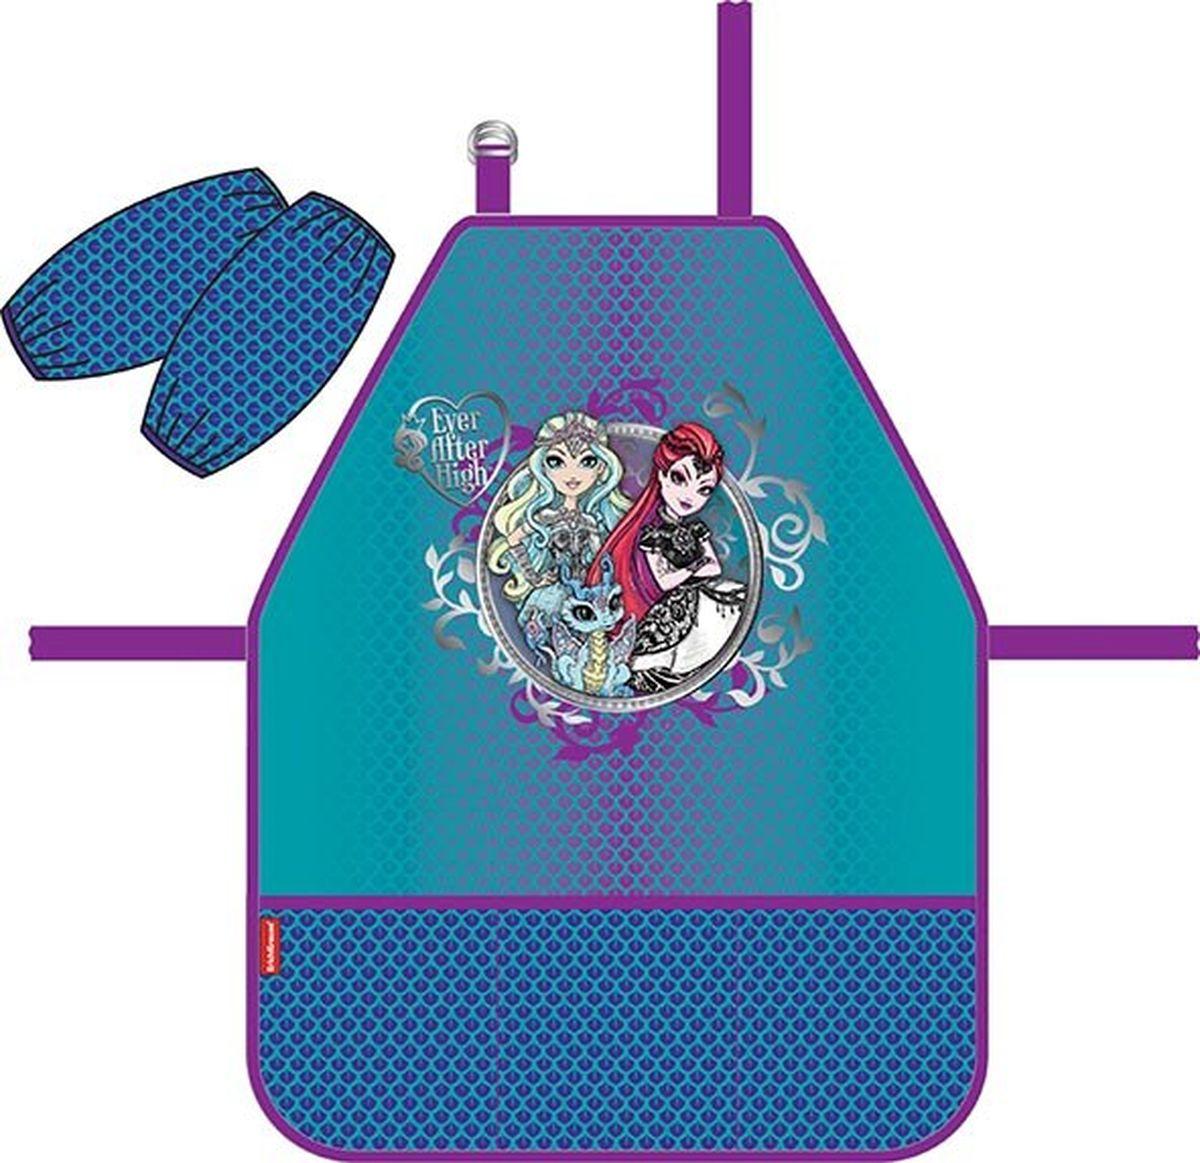 Mattel Фартук детский Ever After High Dragon Game с нарукавниками42284Фартук для детского творчества с нарукавниками. Нарукавники на липучках-фиксаторах. Легкая ткань с водоотталкивающей пропиткой. Фартук дополнен тремя кармашками.